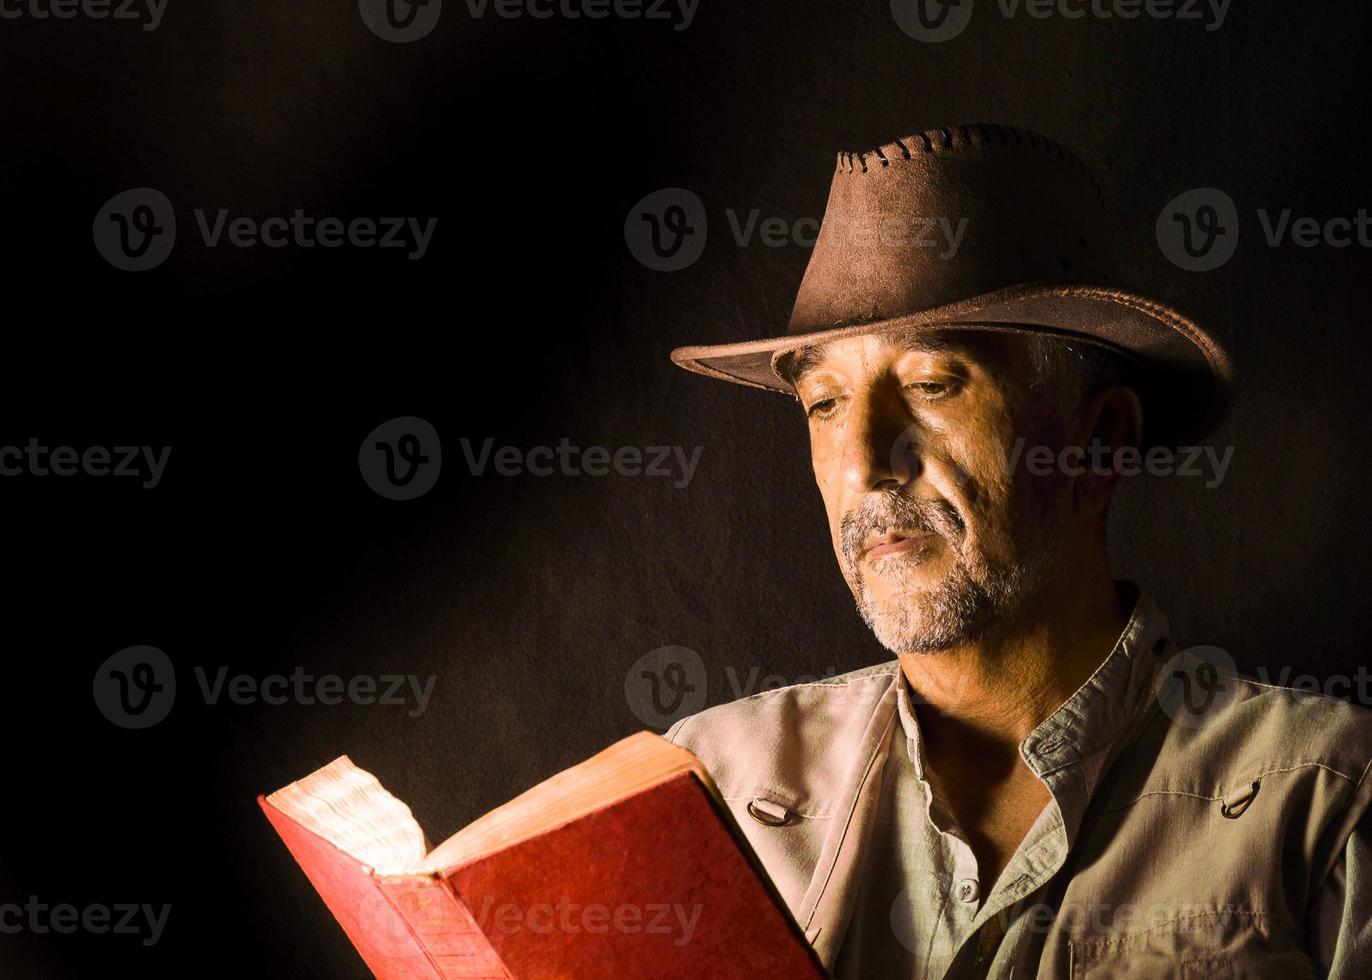 Mann mit Hut und Jacke foto